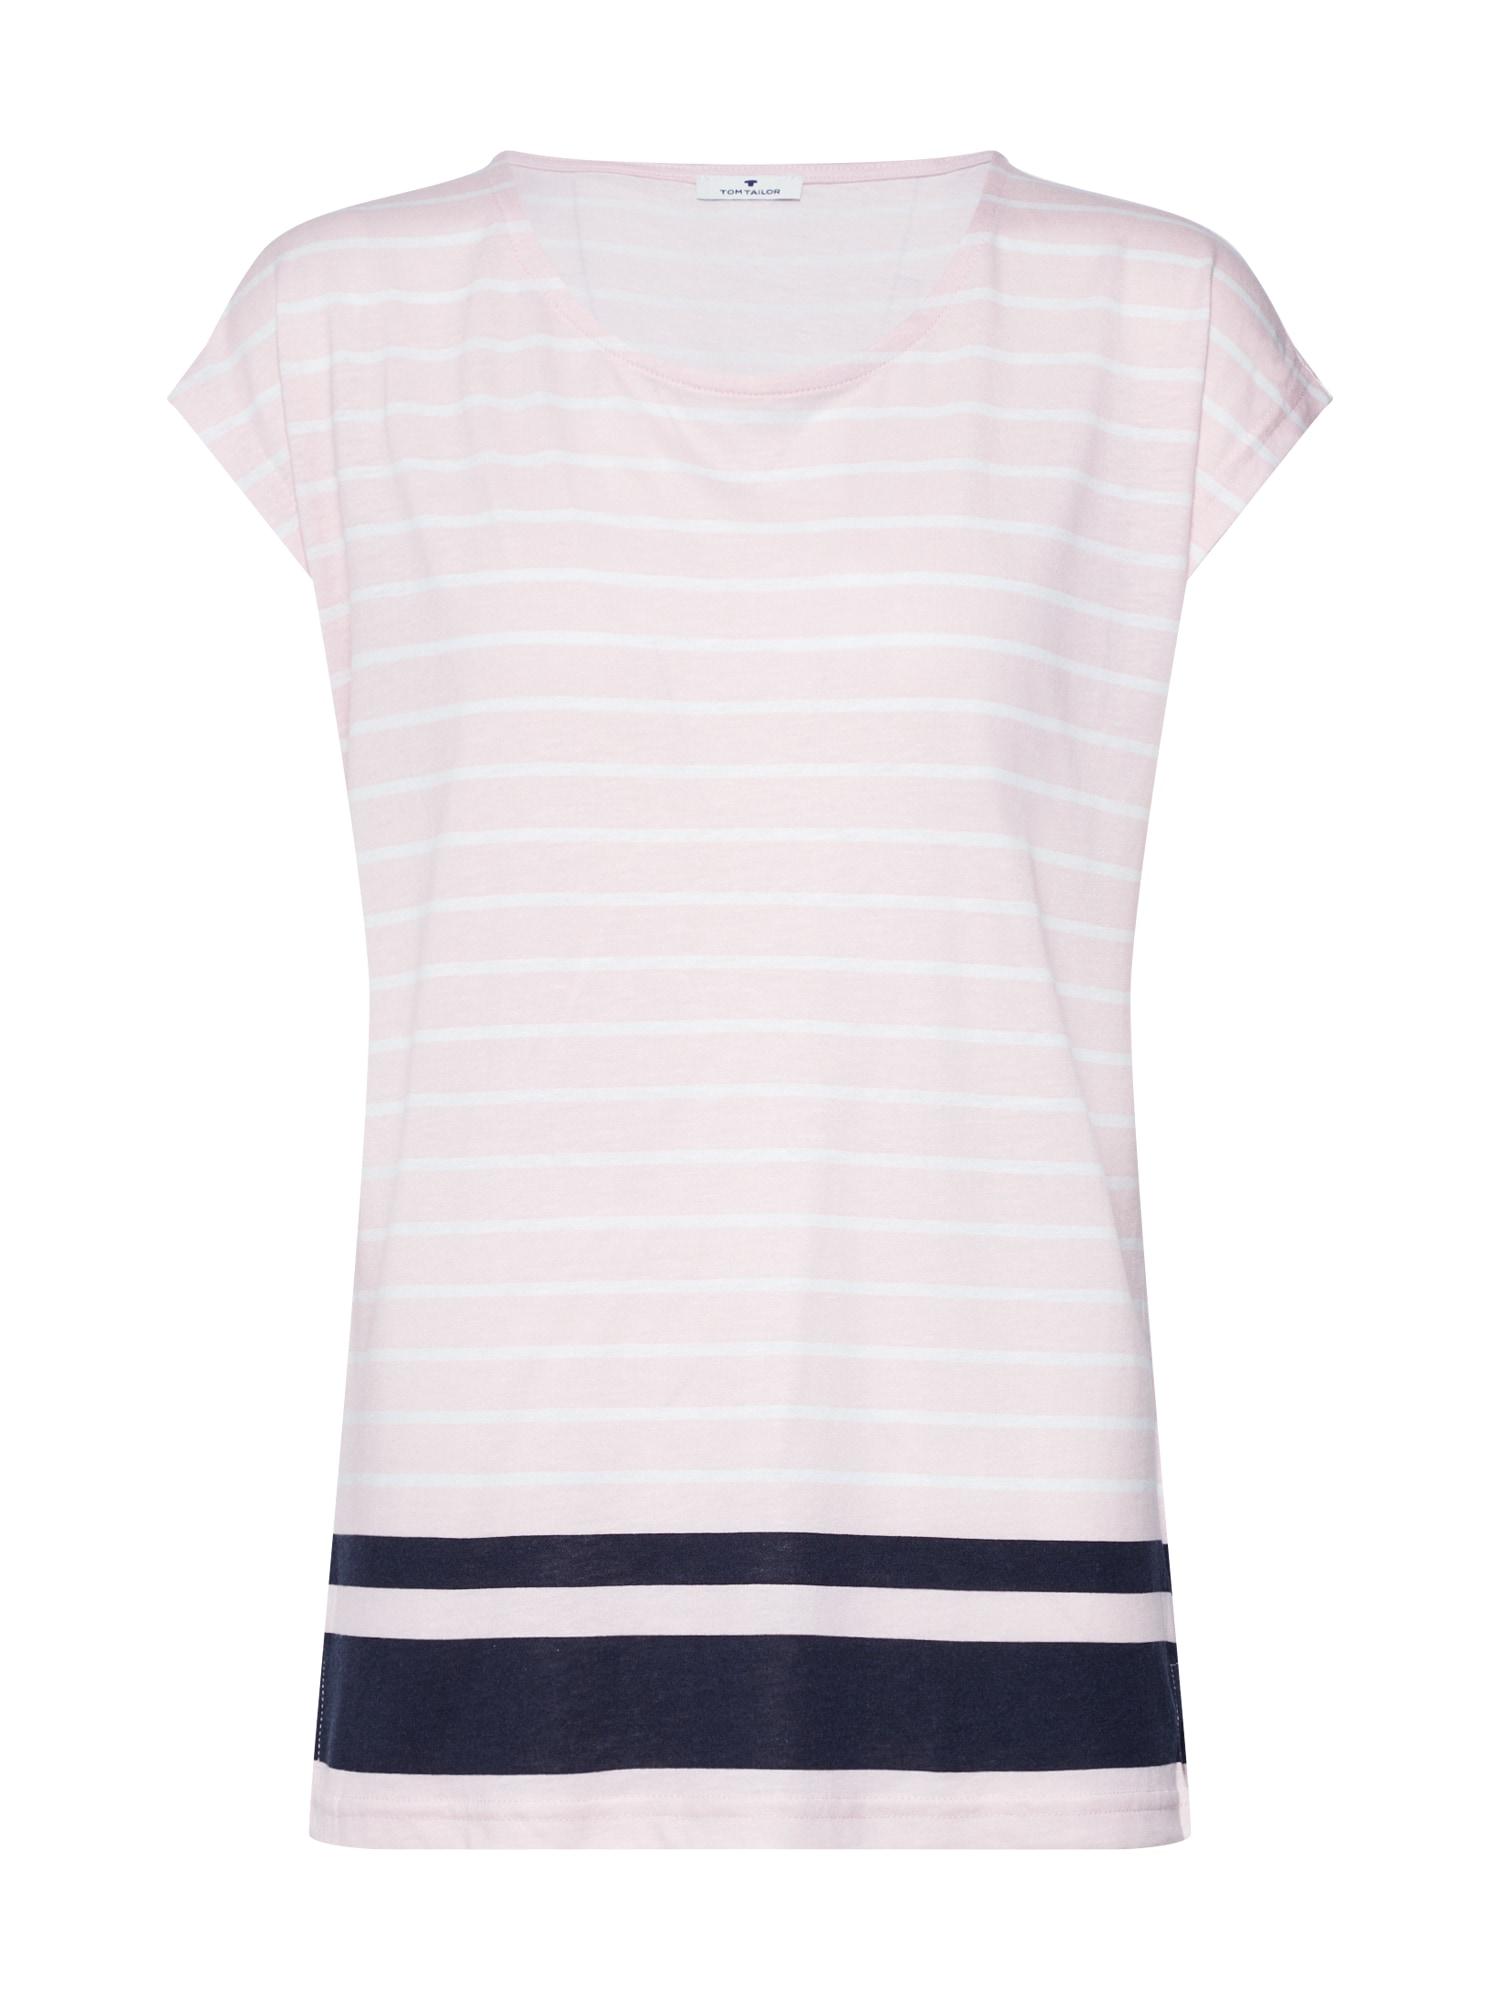 Tričko pudrová černá bílá TOM TAILOR